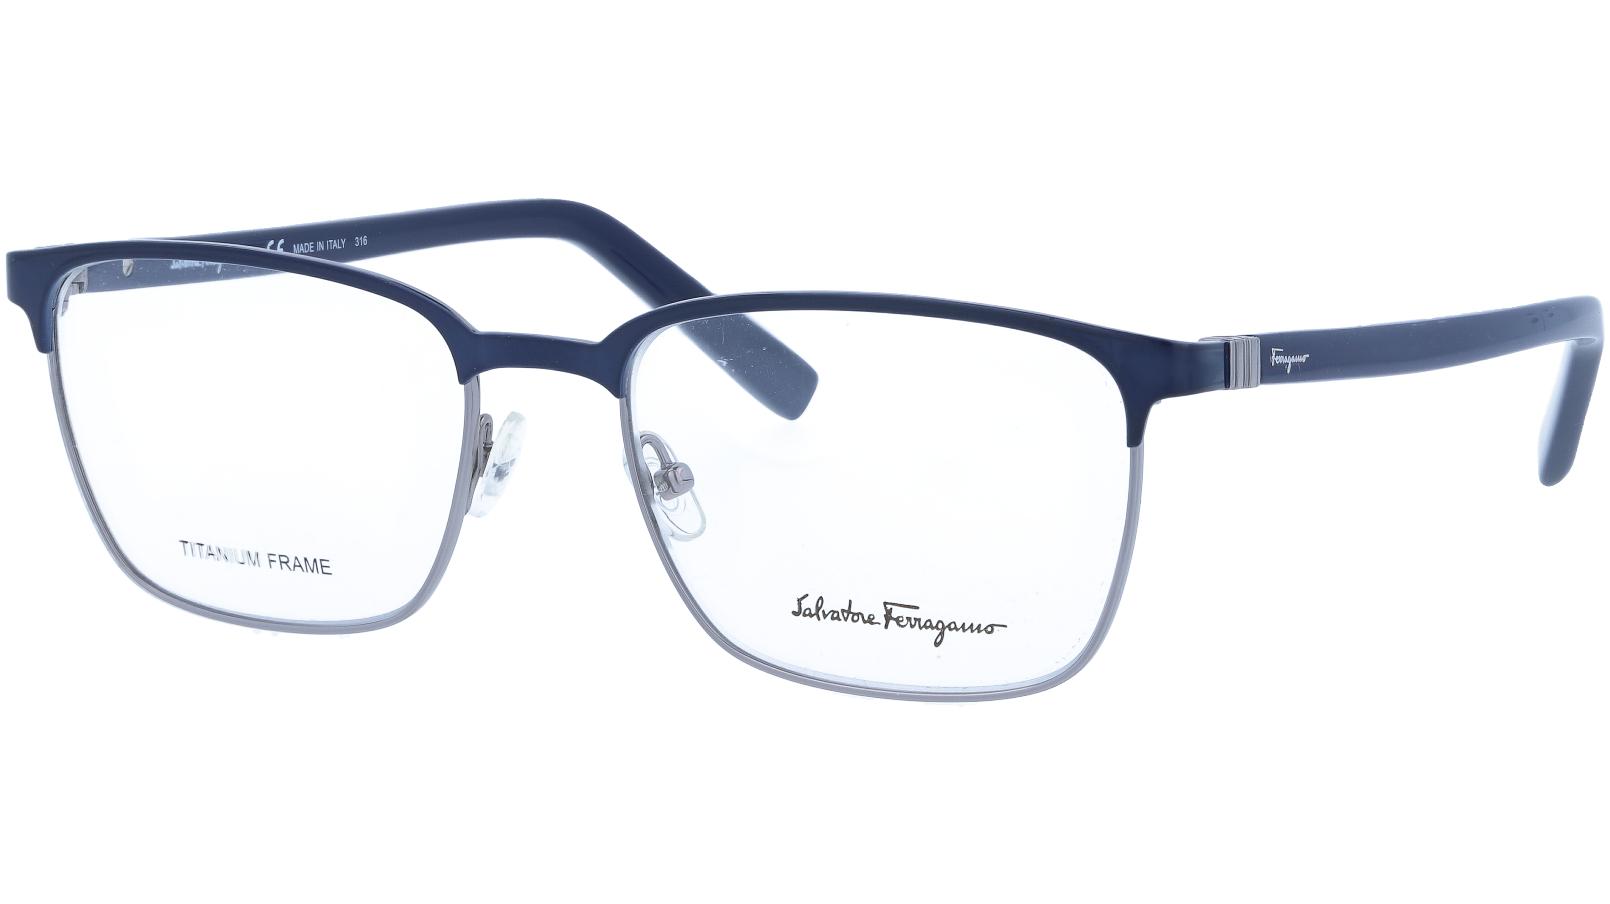 SALVATORE FERRAGAMO SF2523 463 54 BLUE Glasses